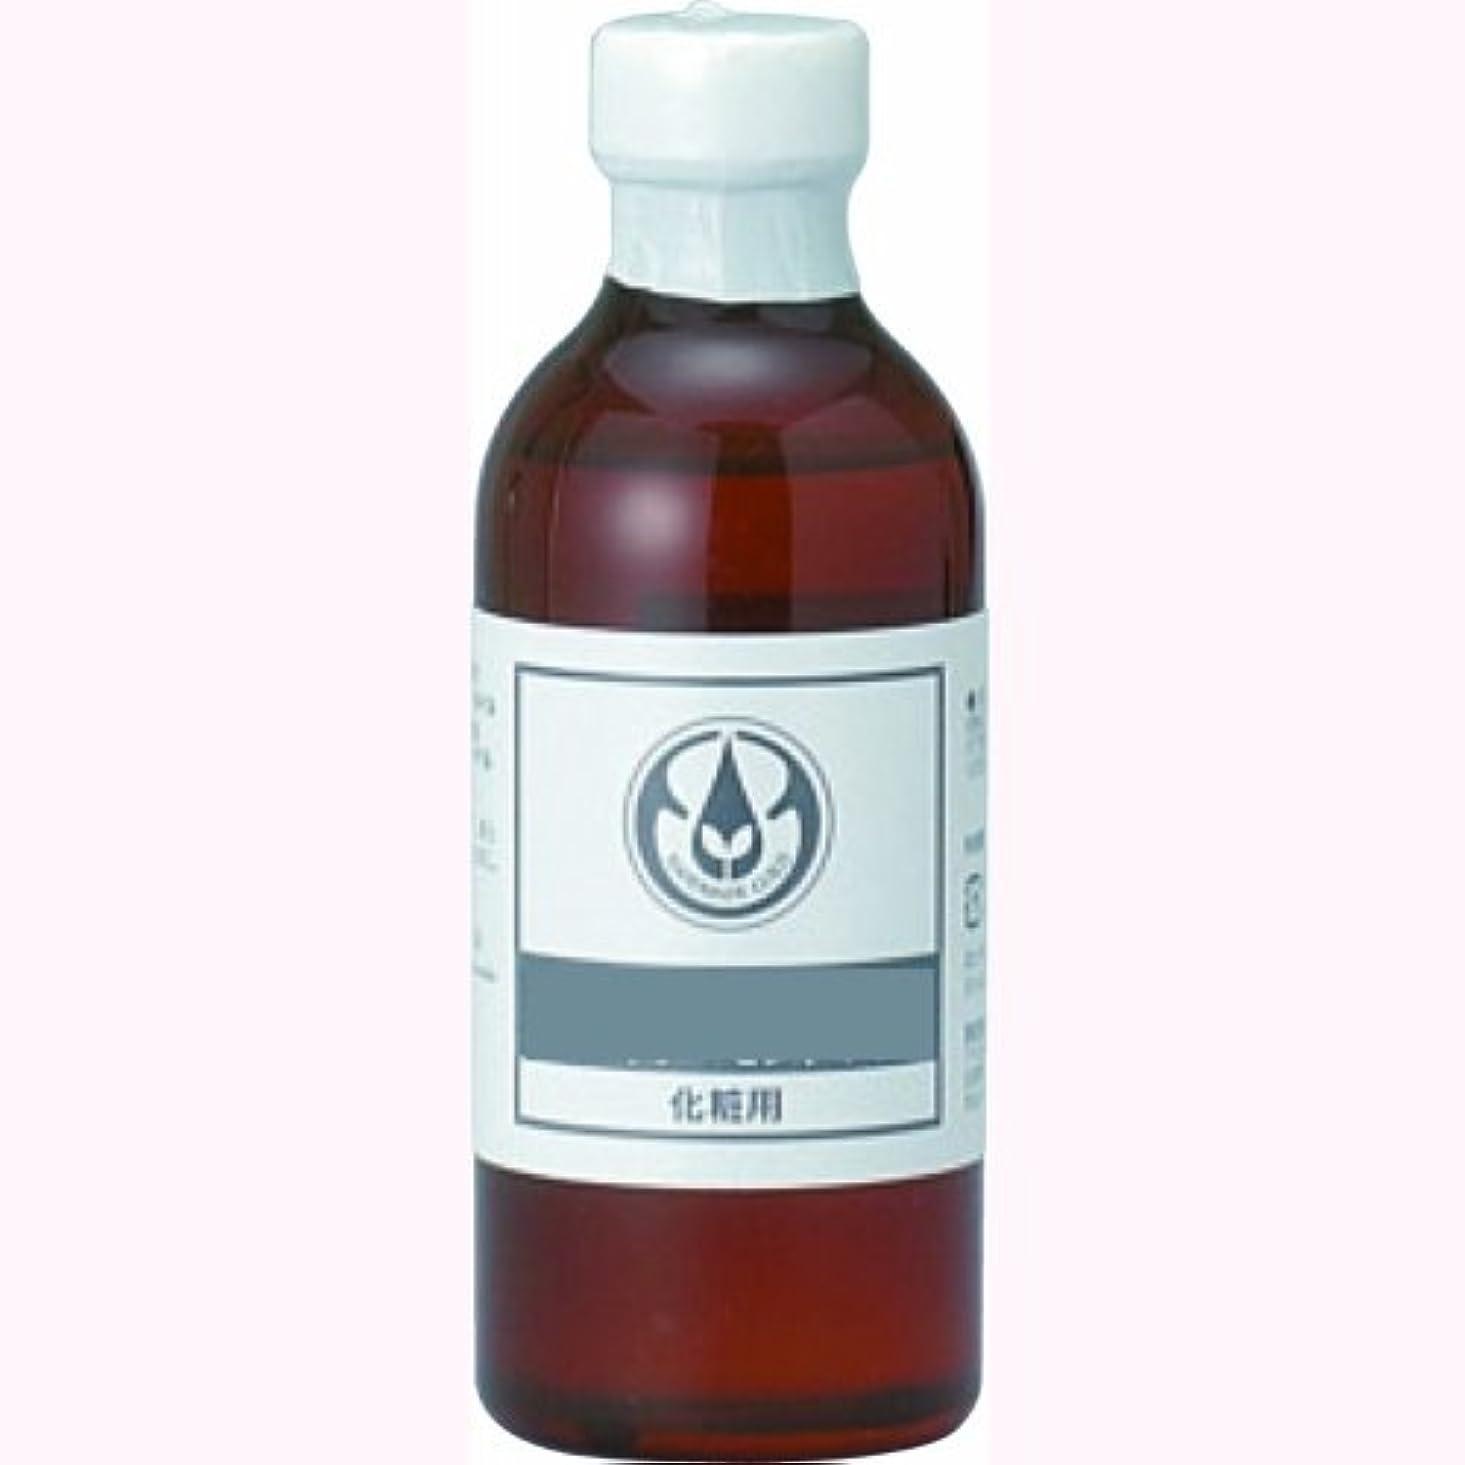 カラス活性化するモットー生活の木 グレープ シード油 250ml